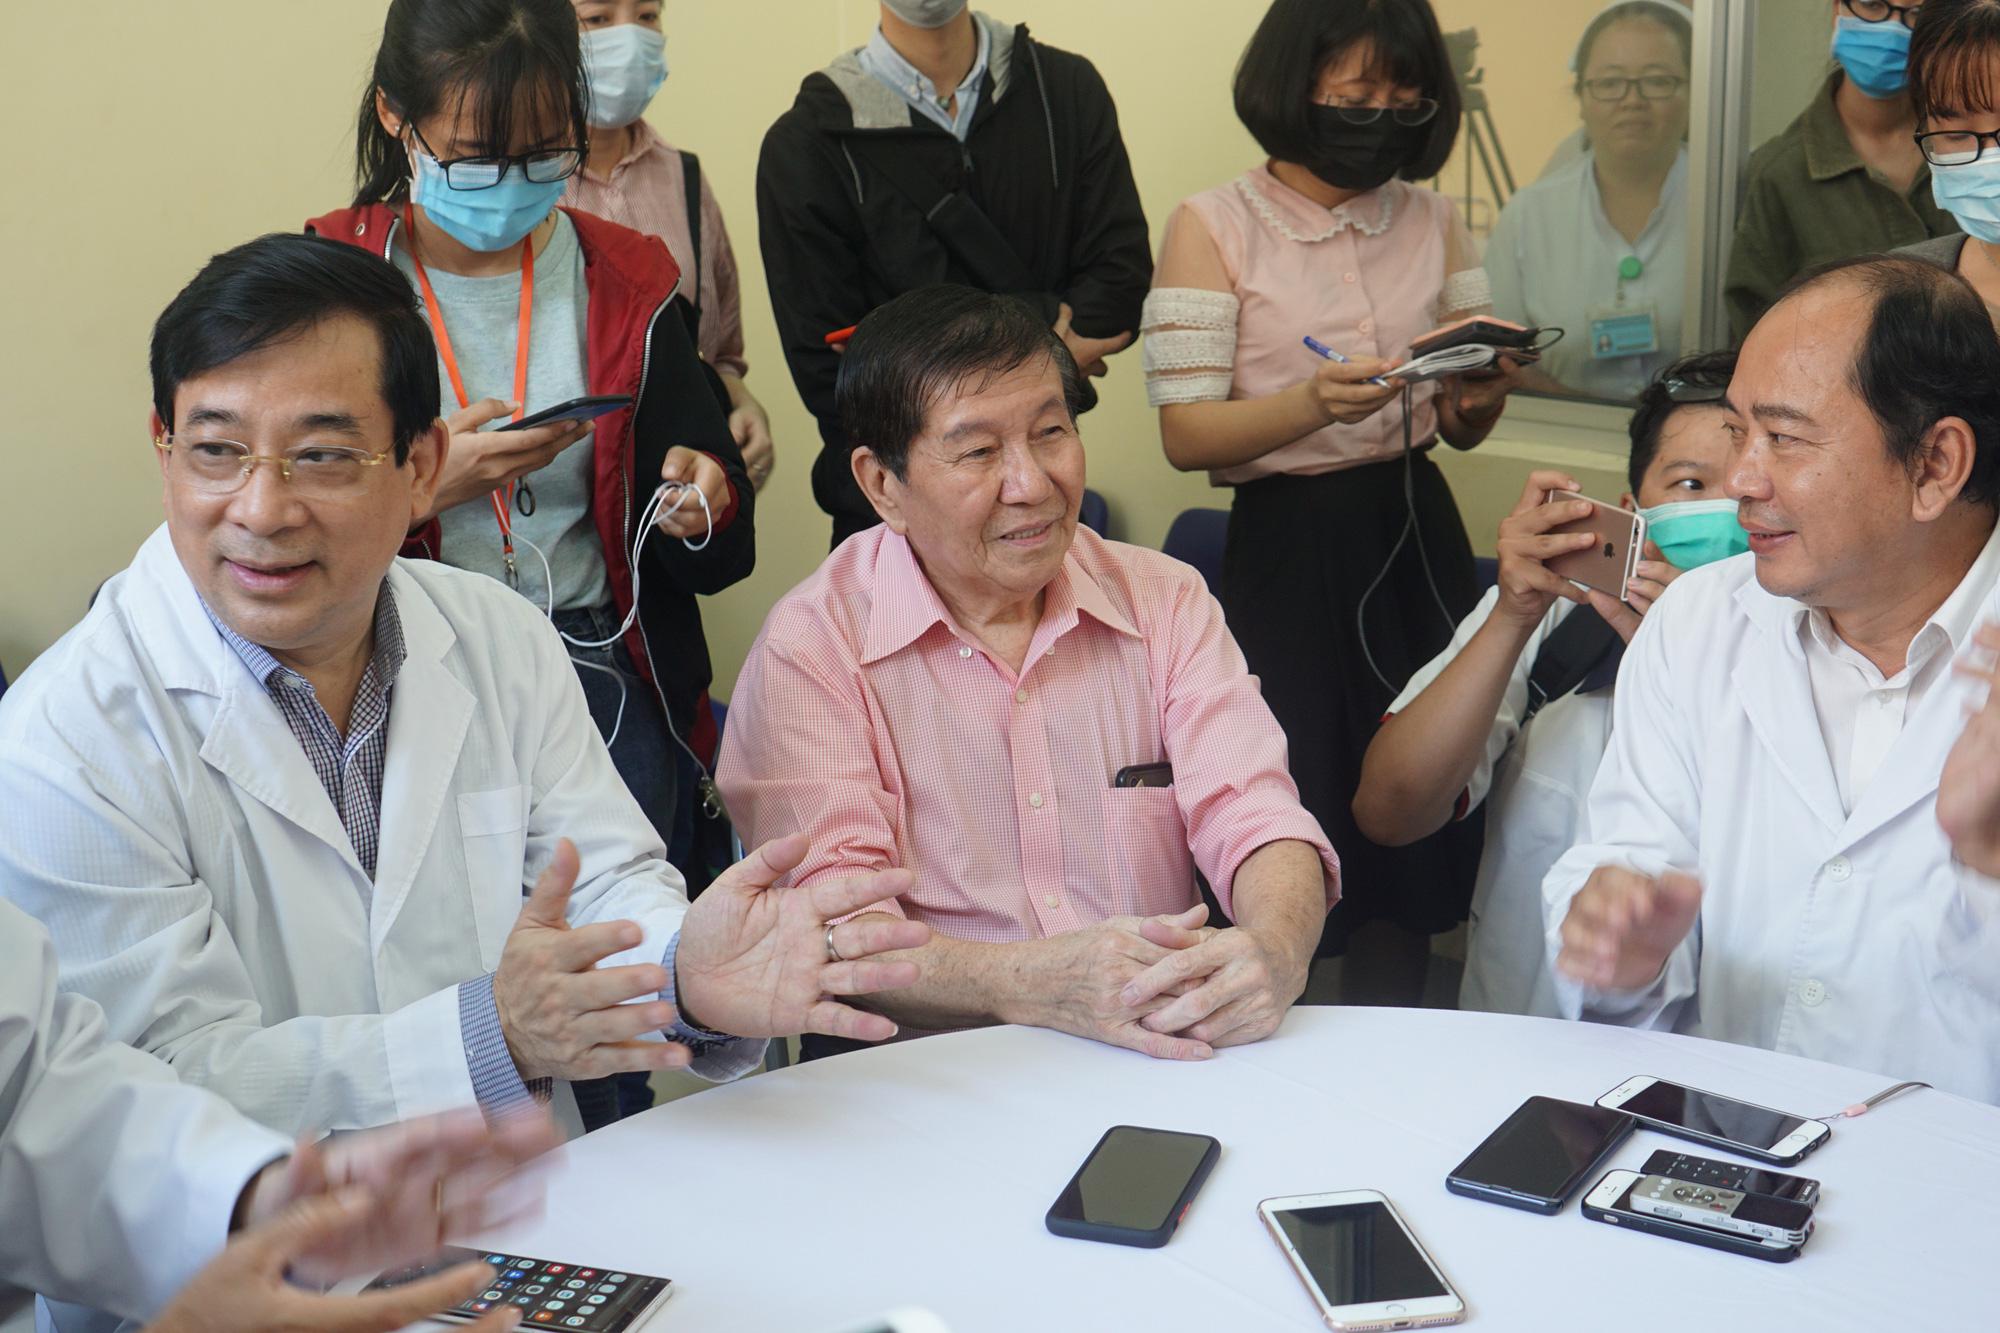 Bệnh nhân thứ 3 nhiễm corona ở Sài Gòn được chữa khỏi: Tôi từ chỗ chết trở về - Ảnh 9.